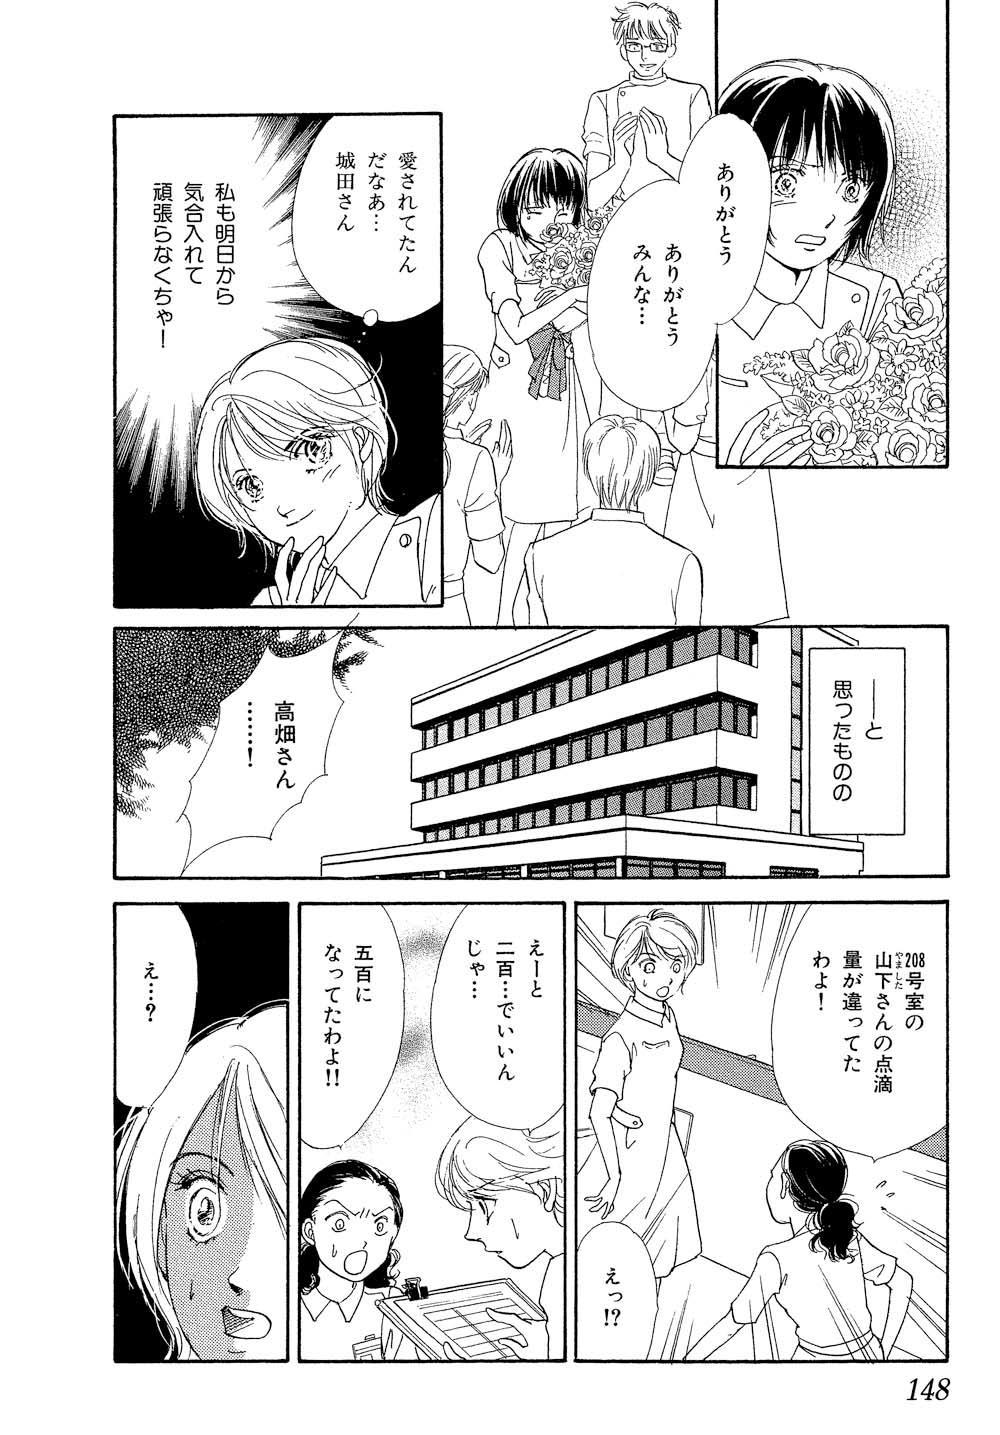 hakui_0001_0148.jpg